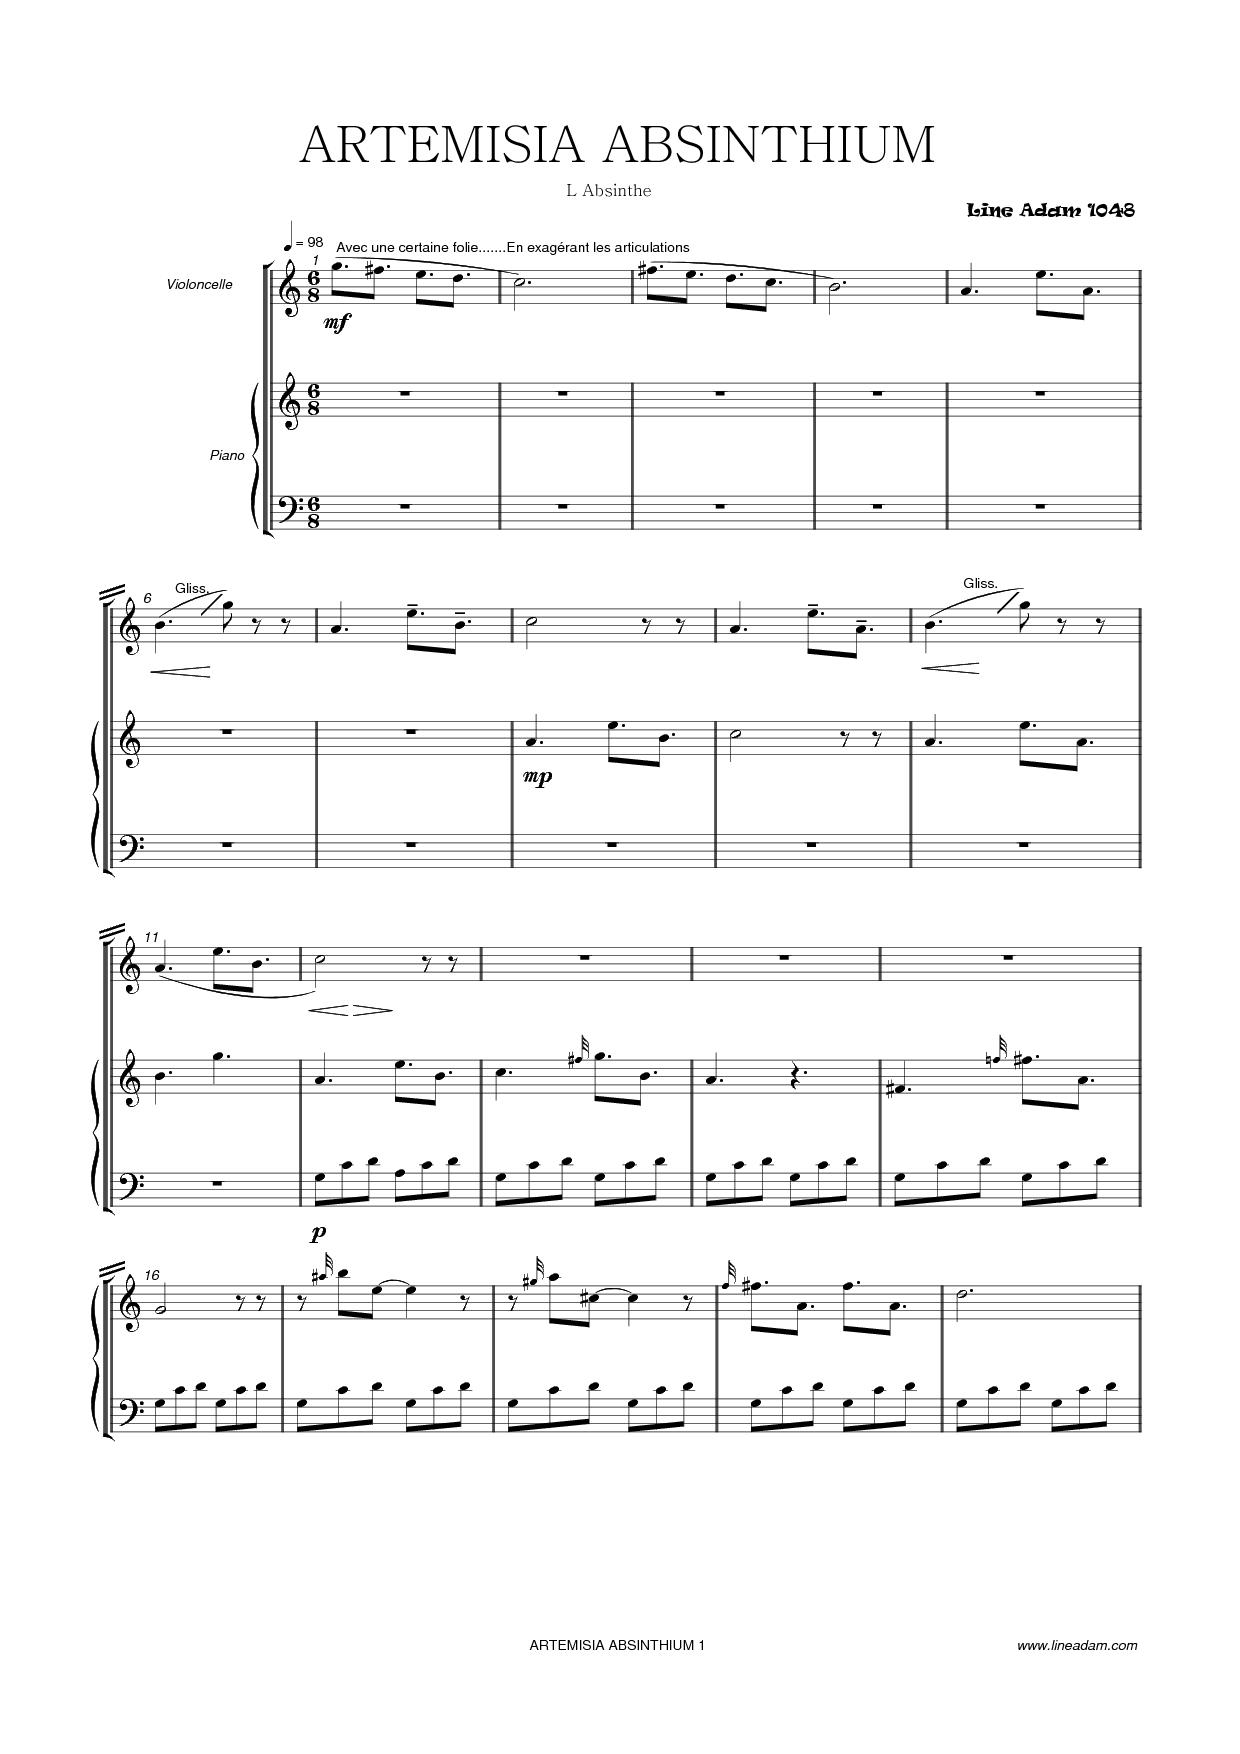 artemisa-absinthium score